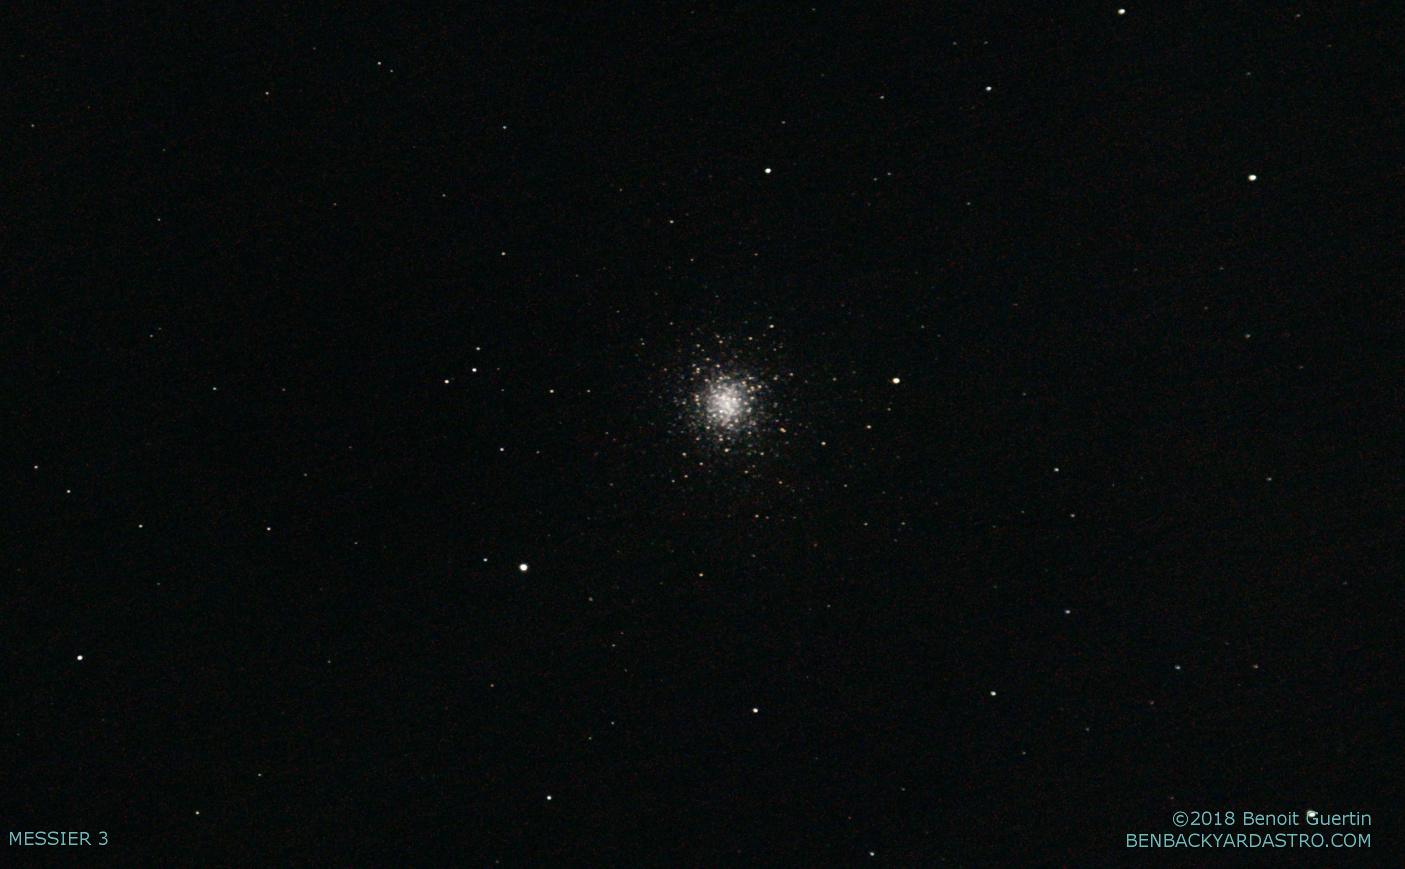 Globular Cluster - Messier 3 (Benoit Guertin)